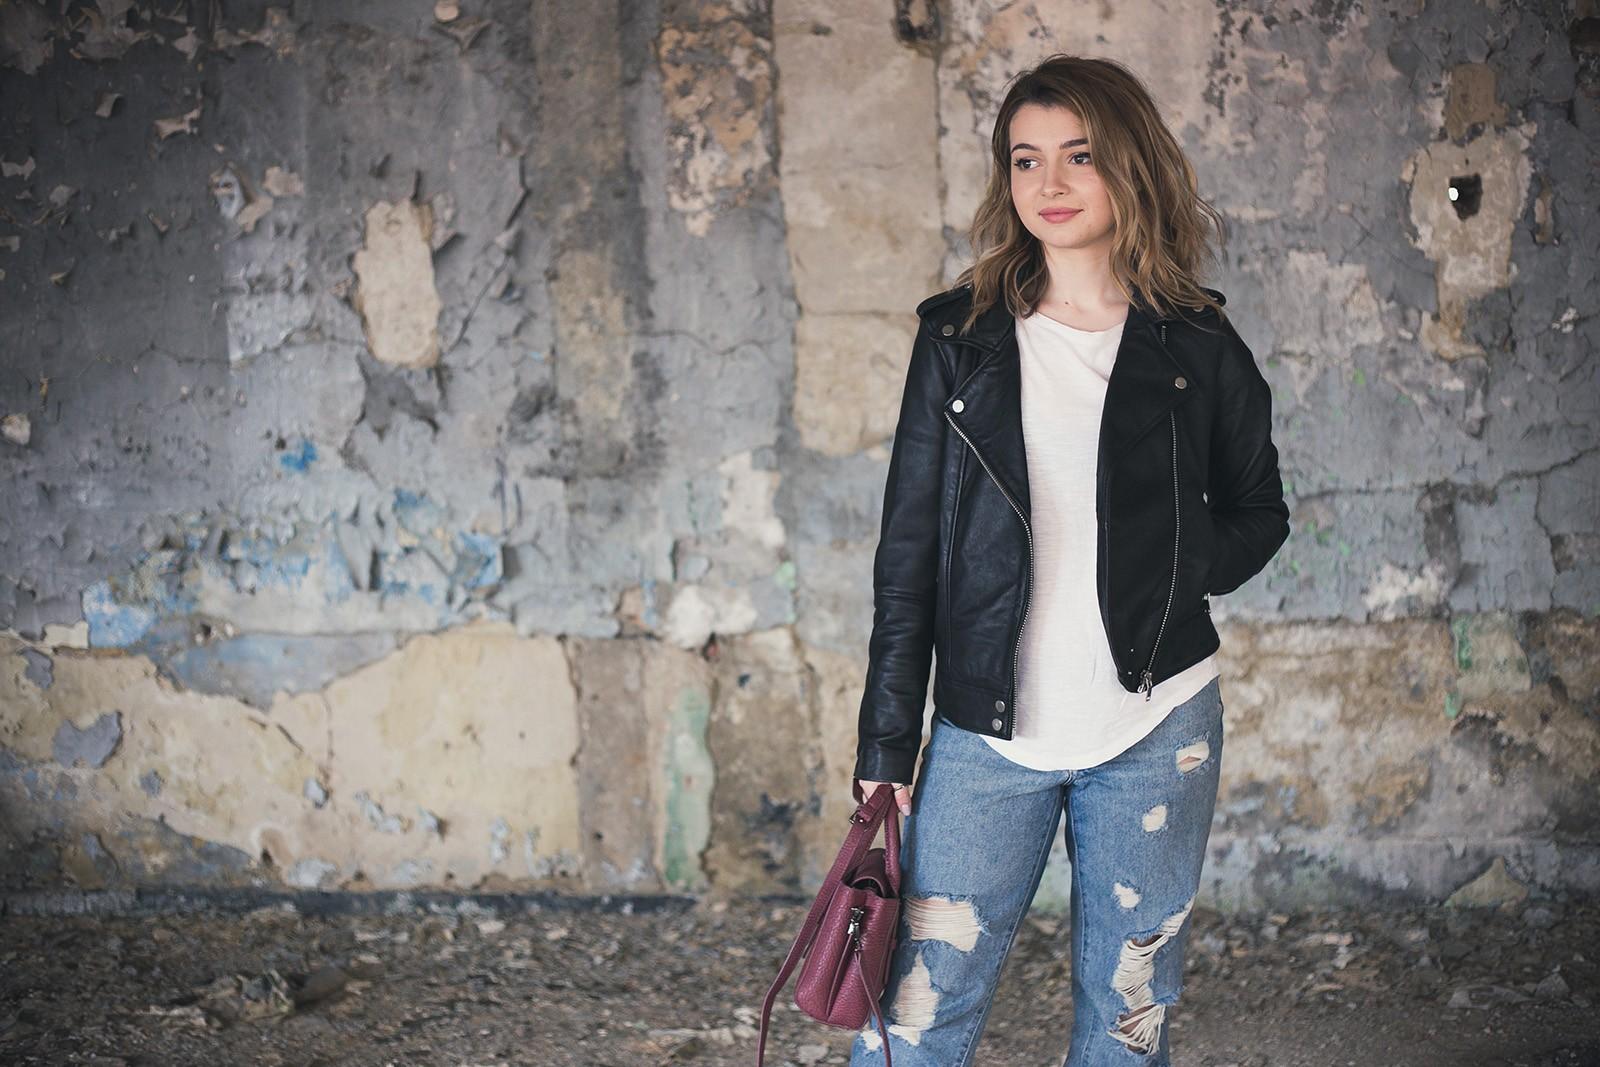 denisaismam-leather-jacket-boyfriend-jeans-burgundy-bag_1922